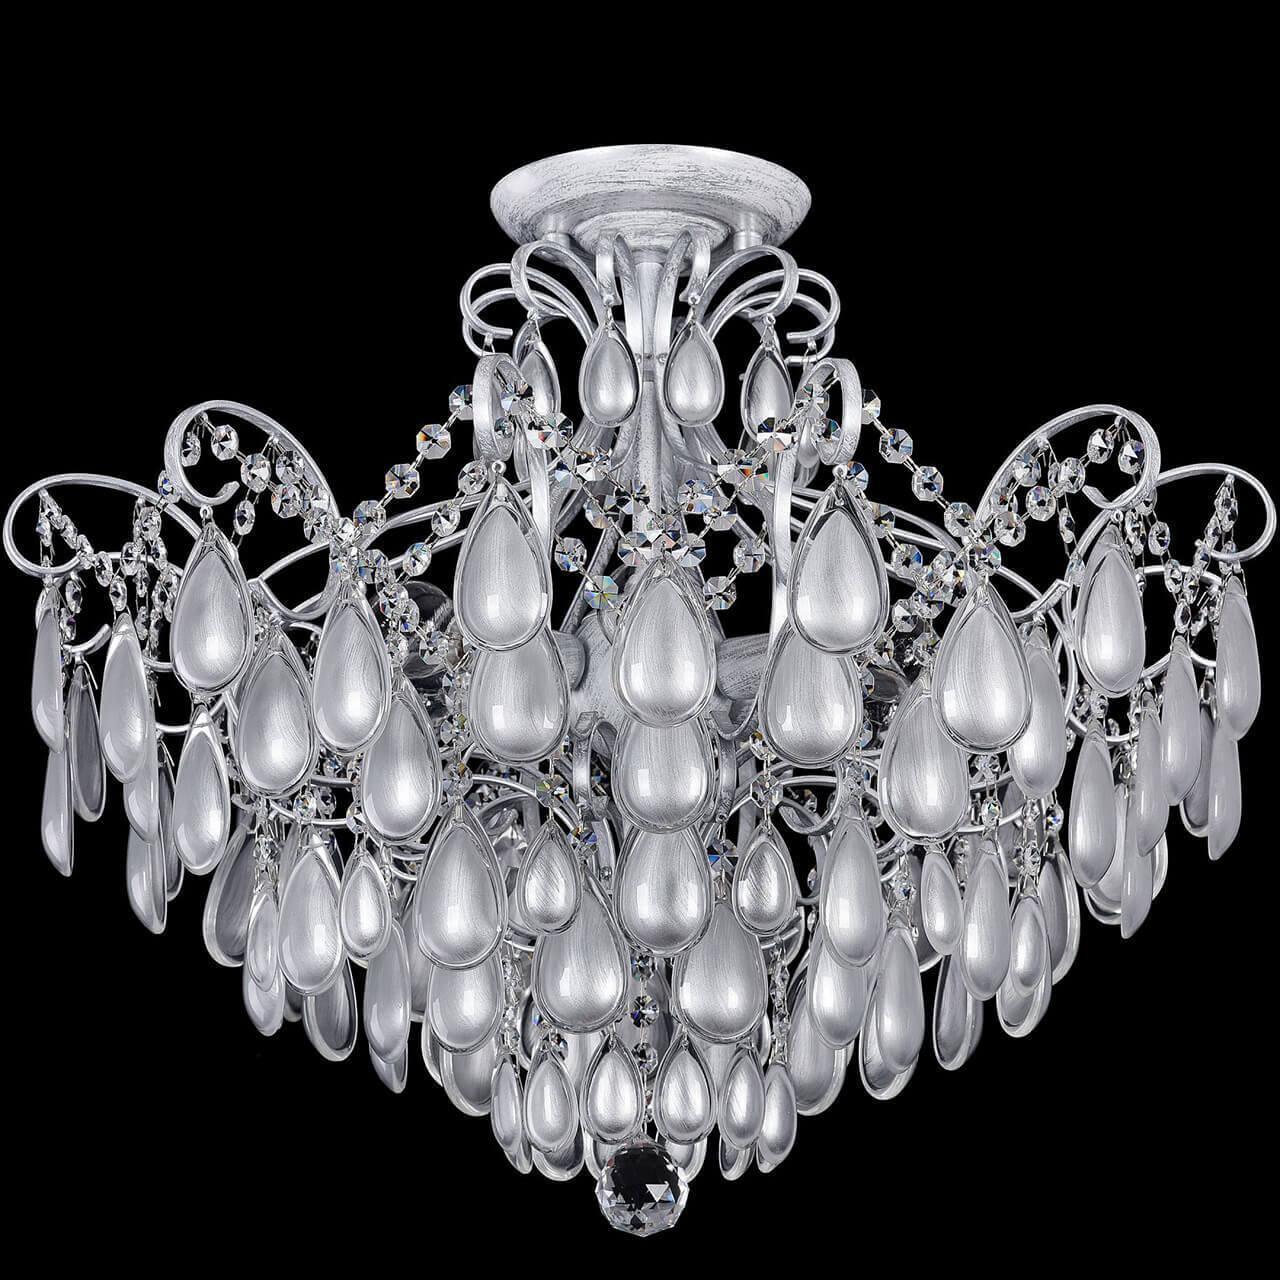 Потолочный светильник Freya FR2302CL-06S, E14, 40 Вт торшер freya chabrol fr2302fl 04s